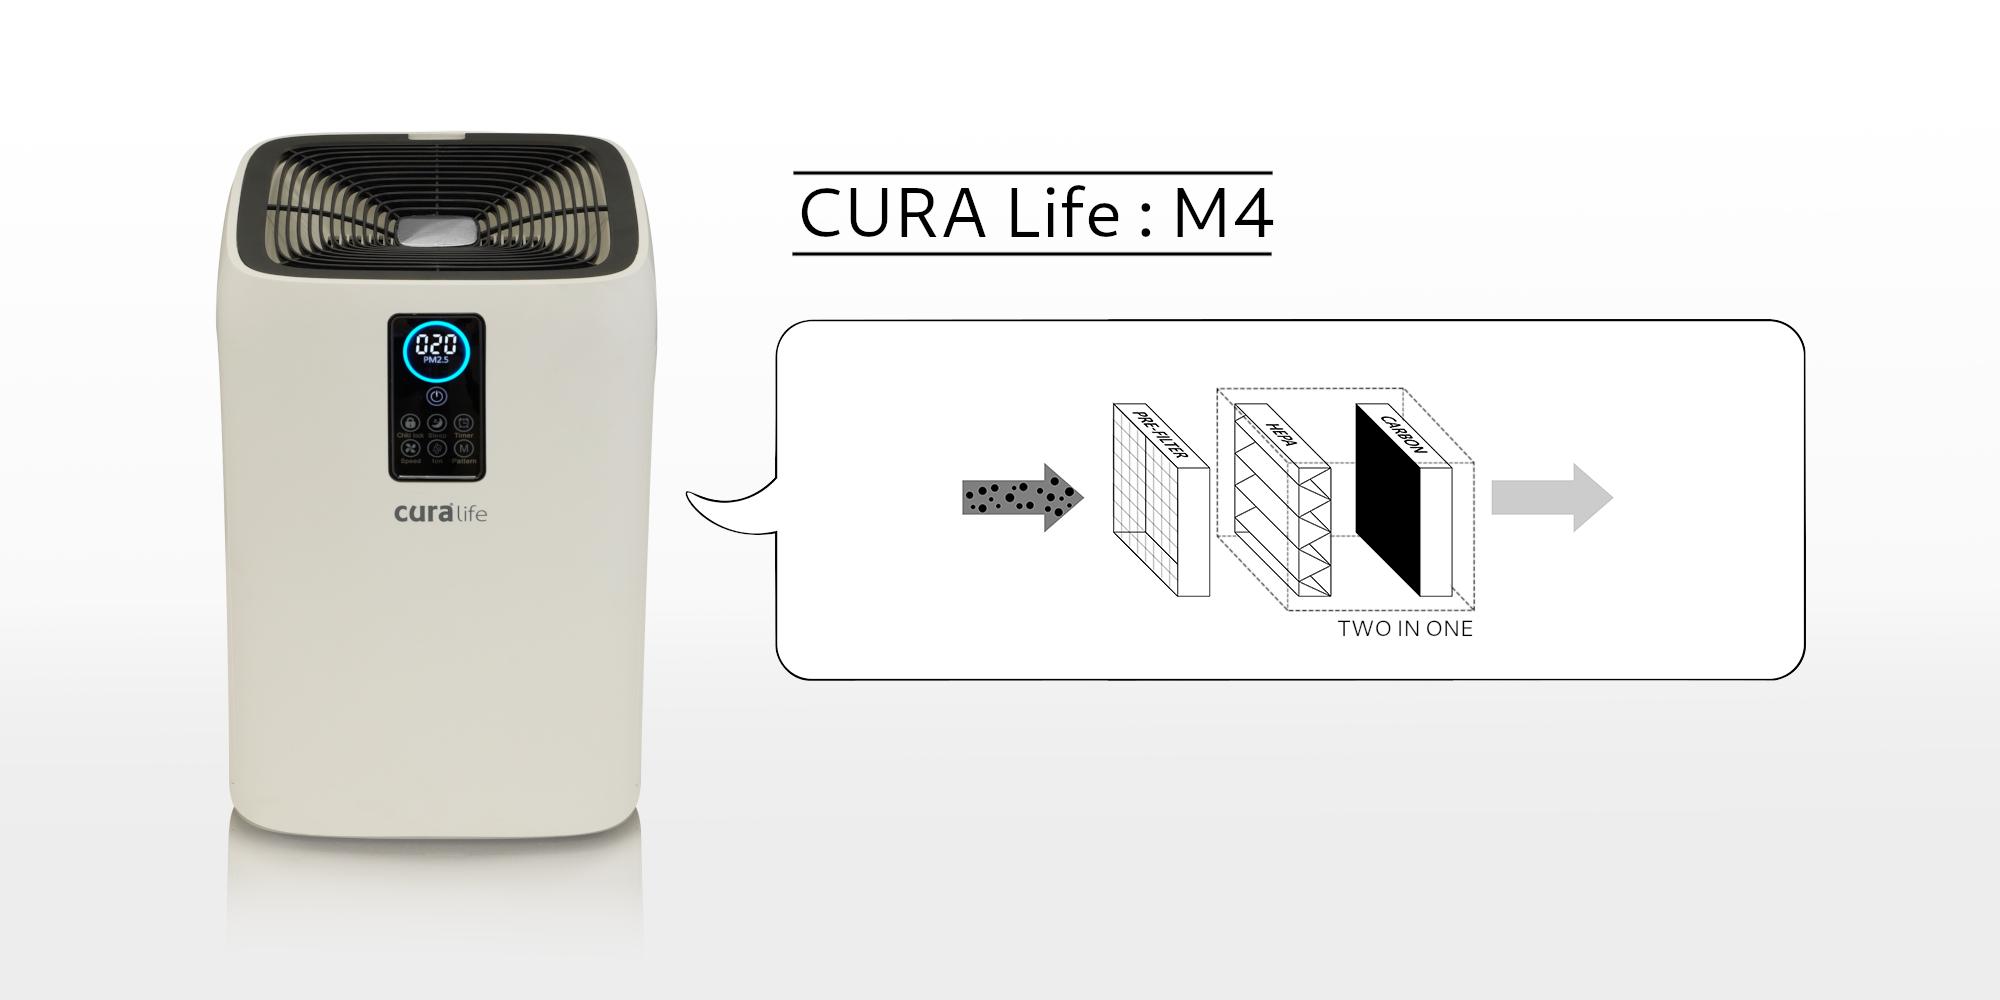 เครื่องฟอกอากาศ กรองดักกำจัดฝุ่นด้วย Pre-filter และ HEPA filter ดักจับกลิ่นด้วย Activated Carbon ยี่ห้อ CURA Life รุ่น M4 สามารถดักจับฝุ่นละเอียดระดับ PM 2.5 ได้มากกว่า 99%